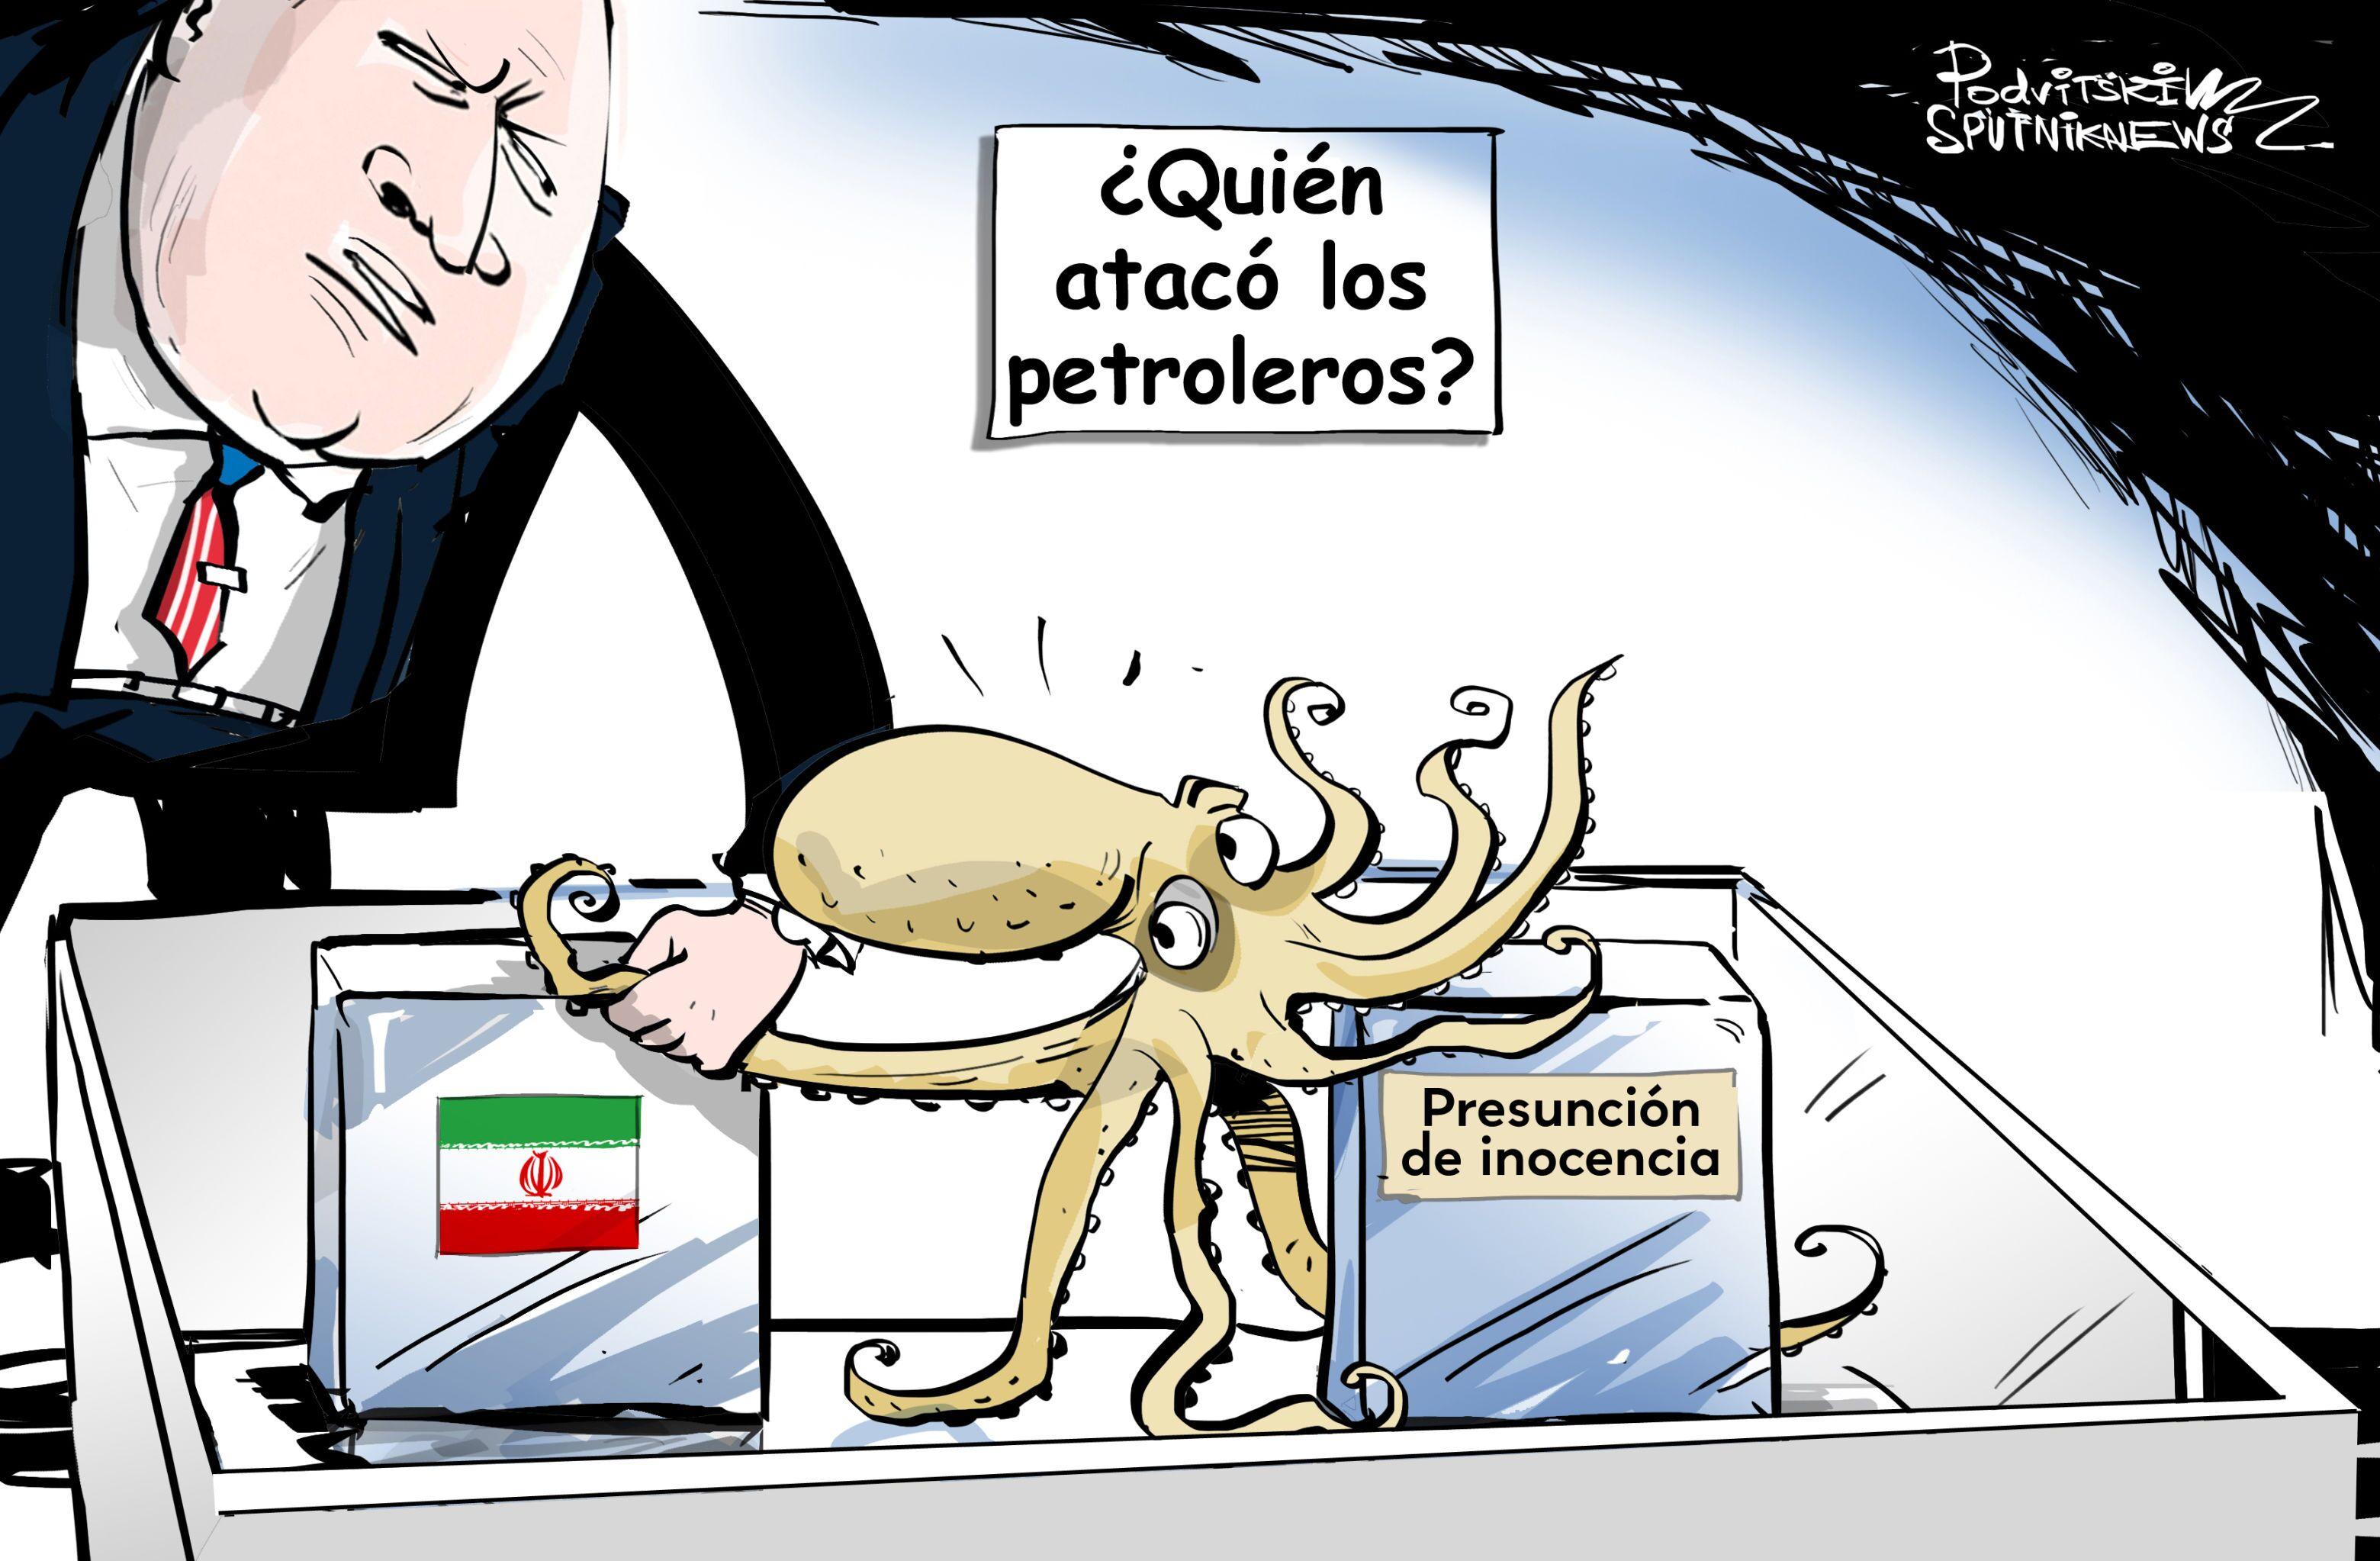 La receta típica de EEUU: ante cualquier situación, culpa a Irán